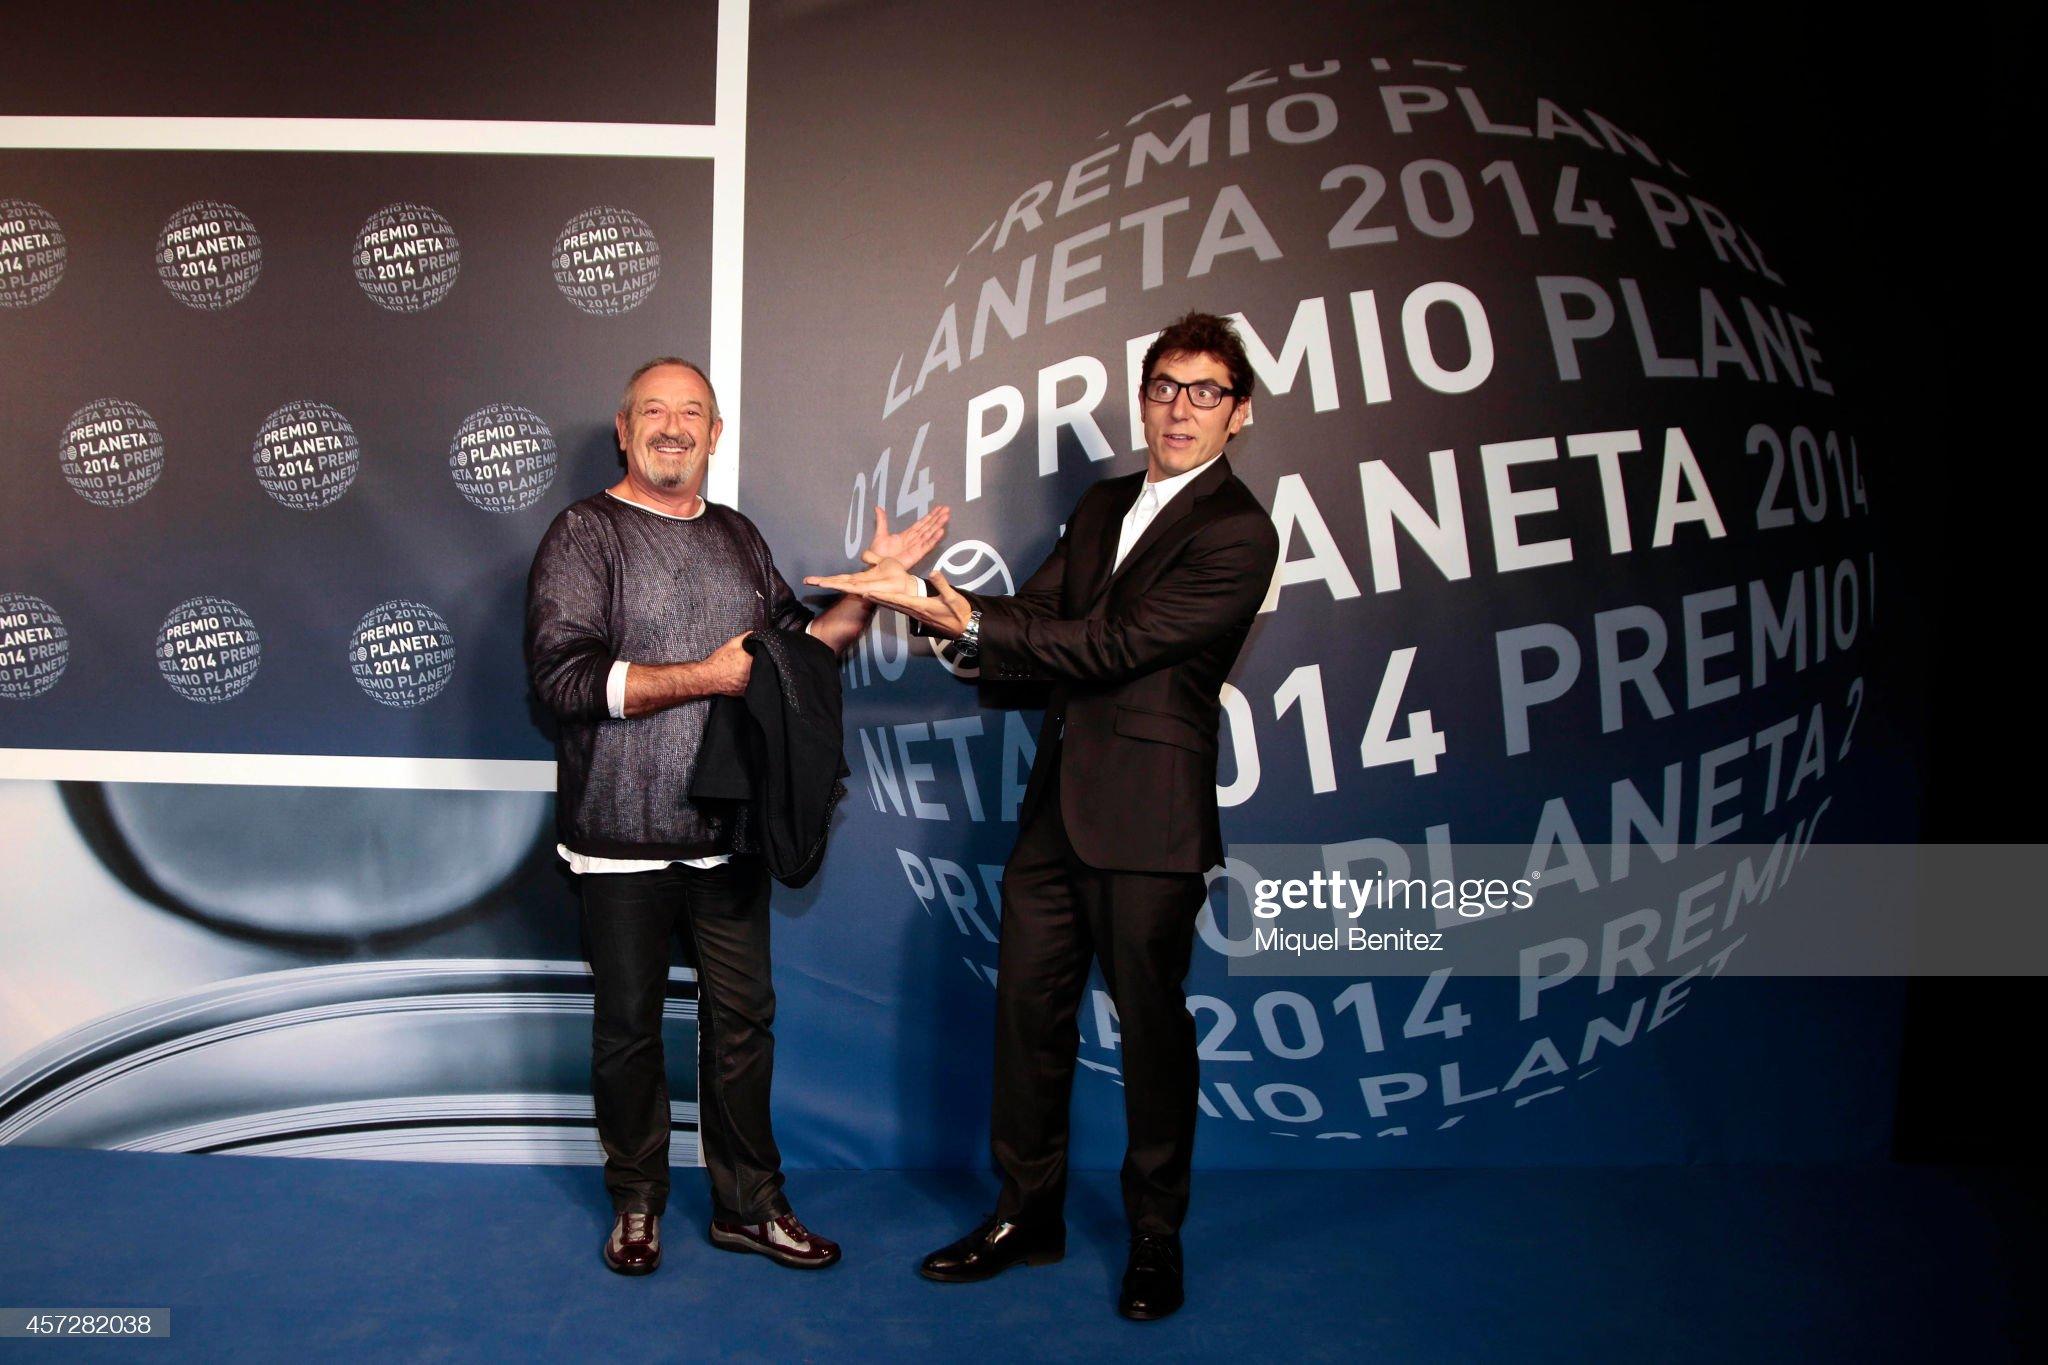 ¿Cuánto mide Manel Fuentes? - Estatura y peso - Página 2 Karlos-arguinano-and-manel-fuentes-attend-the-63th-premio-planeta-picture-id457282038?s=2048x2048